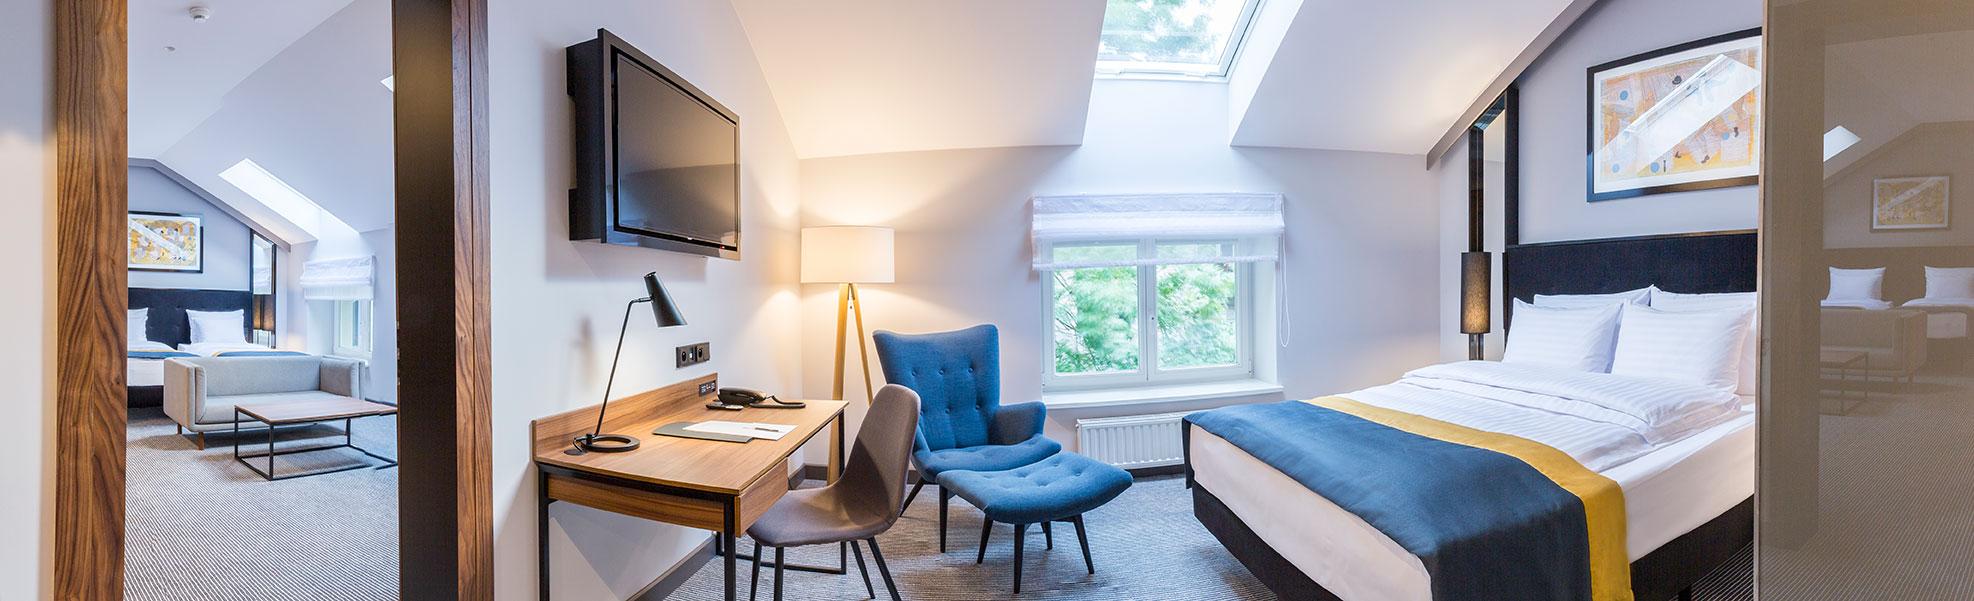 Wygodny i przestronny apartament w hotelu Grand Ascot w Krakowie